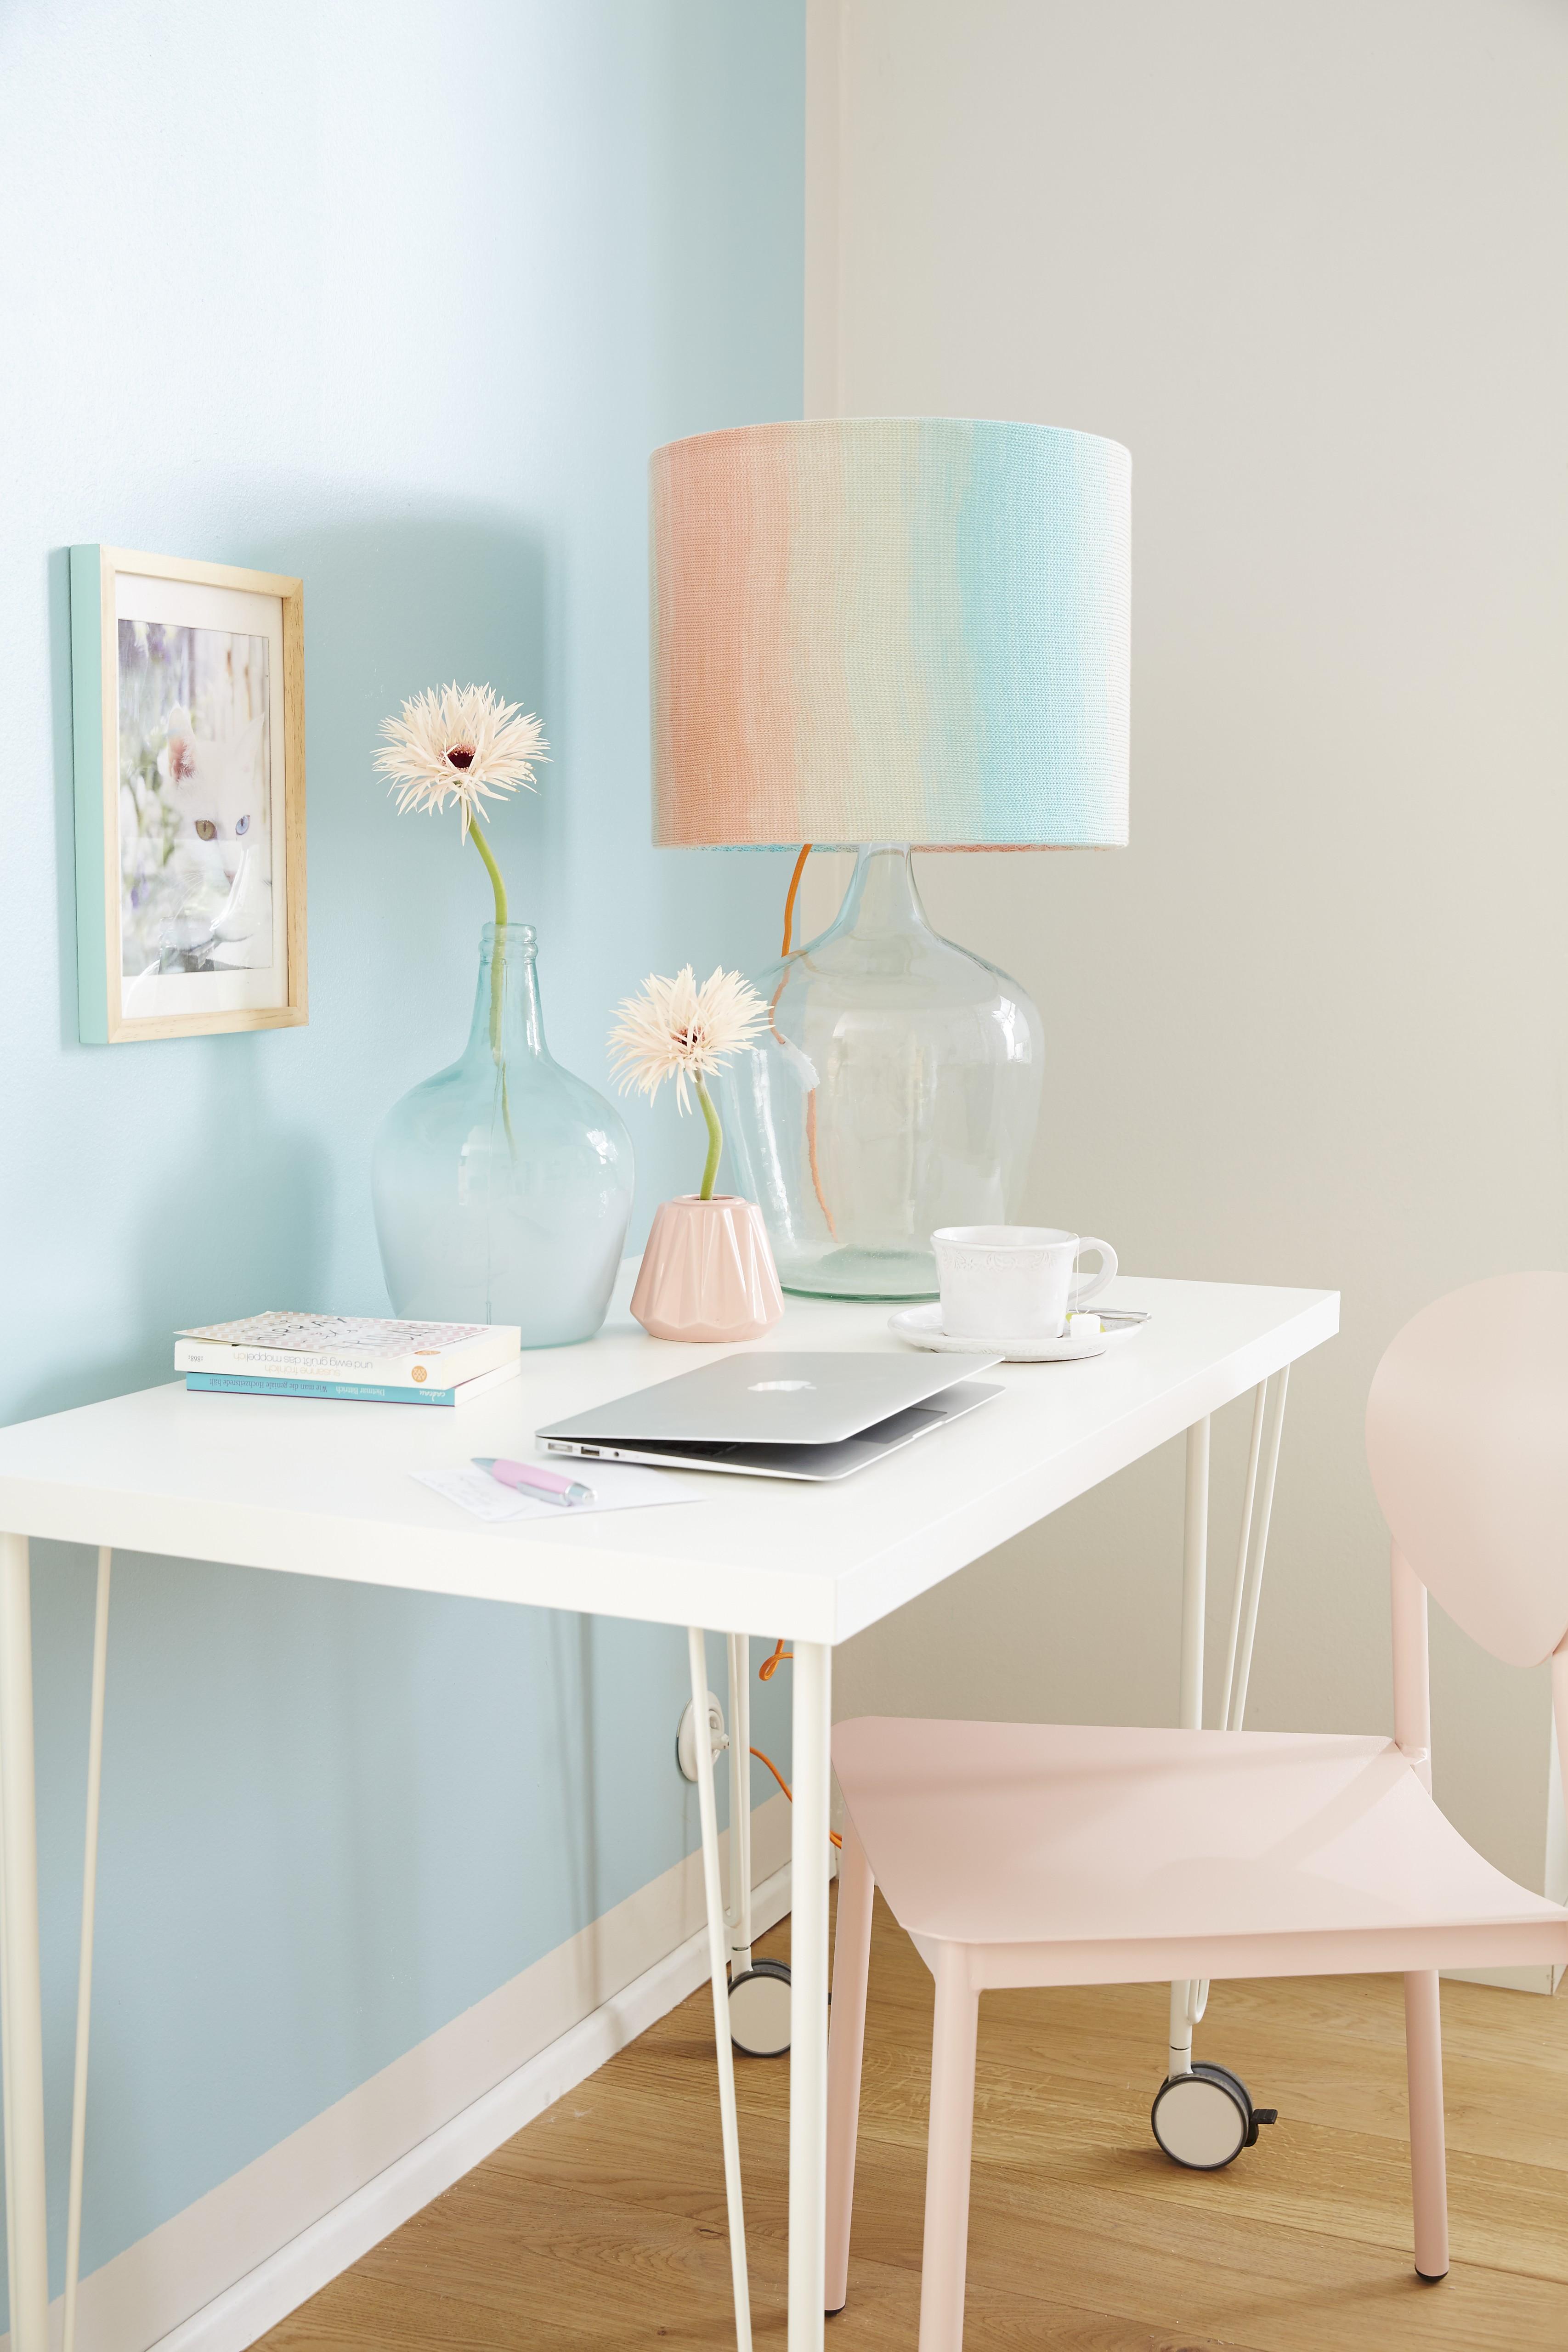 Schirm einer Tischlampe aus Strickgarn mit Farbverlauf, auf weissem Wandtisch